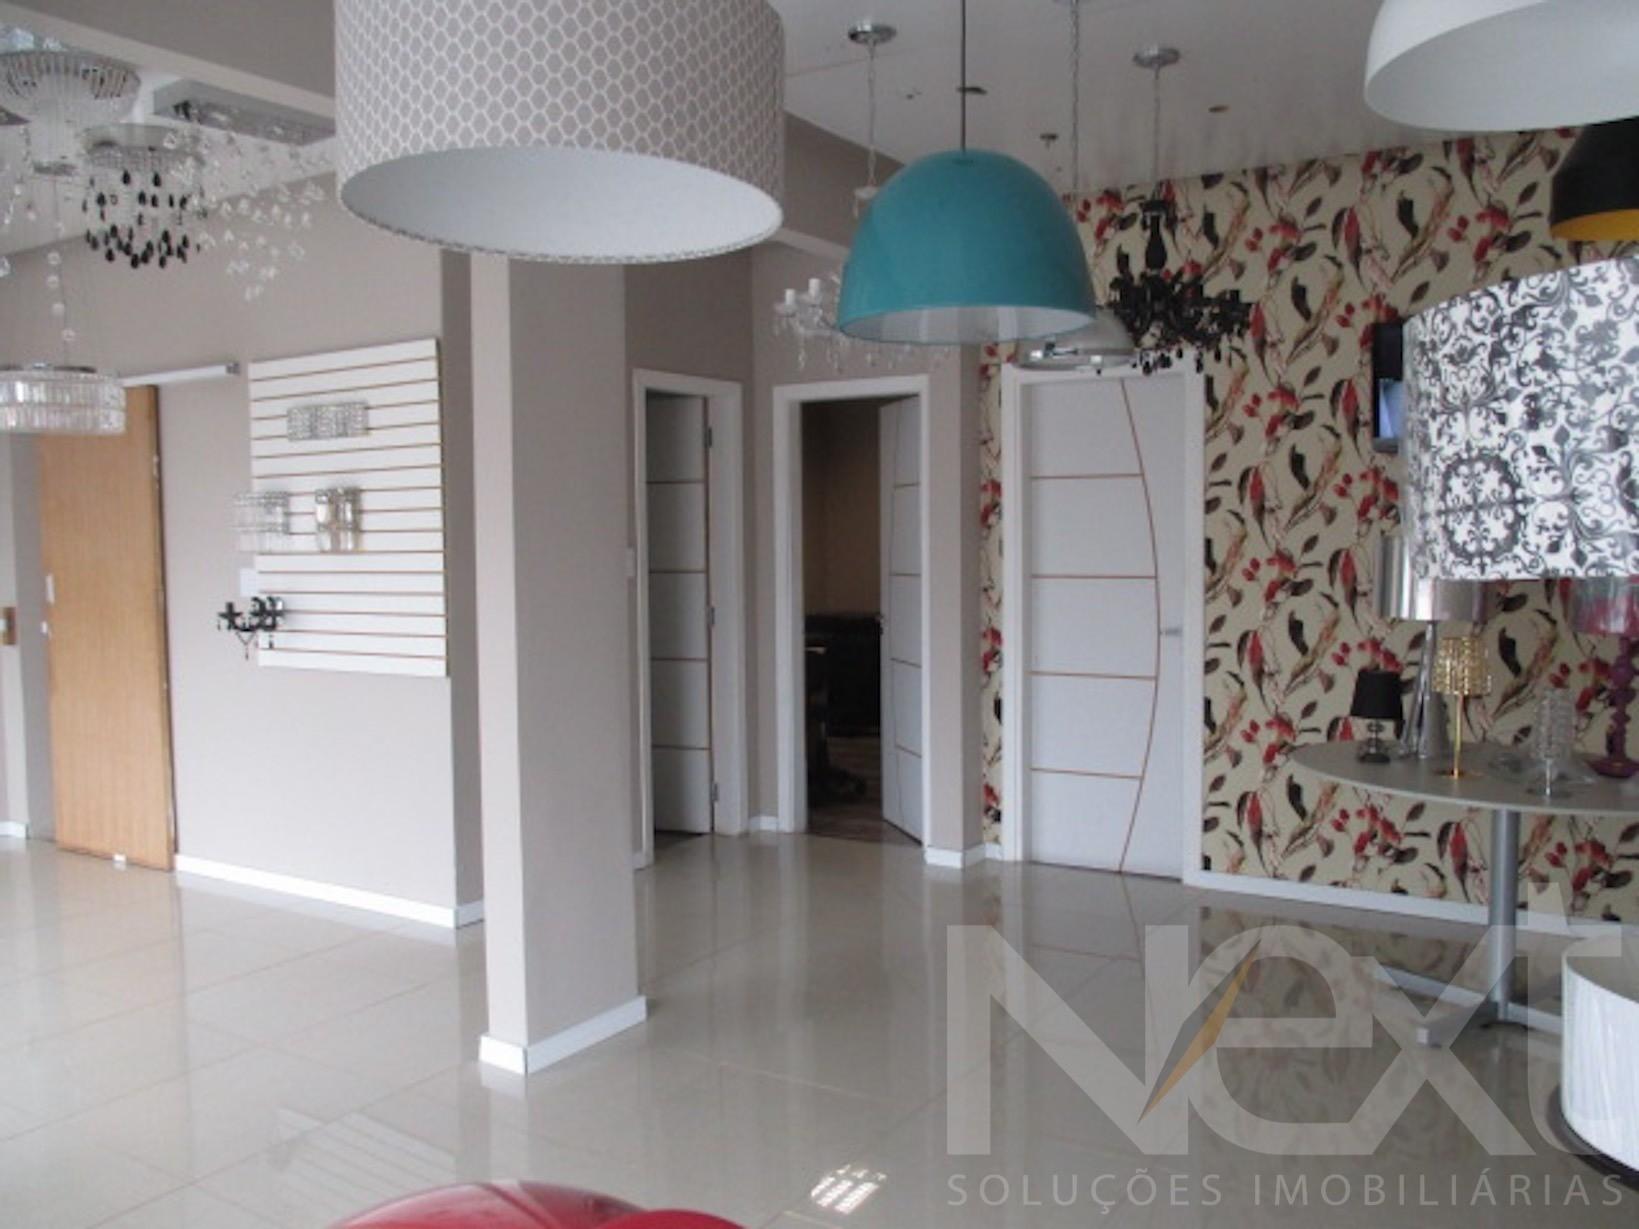 Prédio de 2 dormitórios em Vila Nova, Campinas - SP